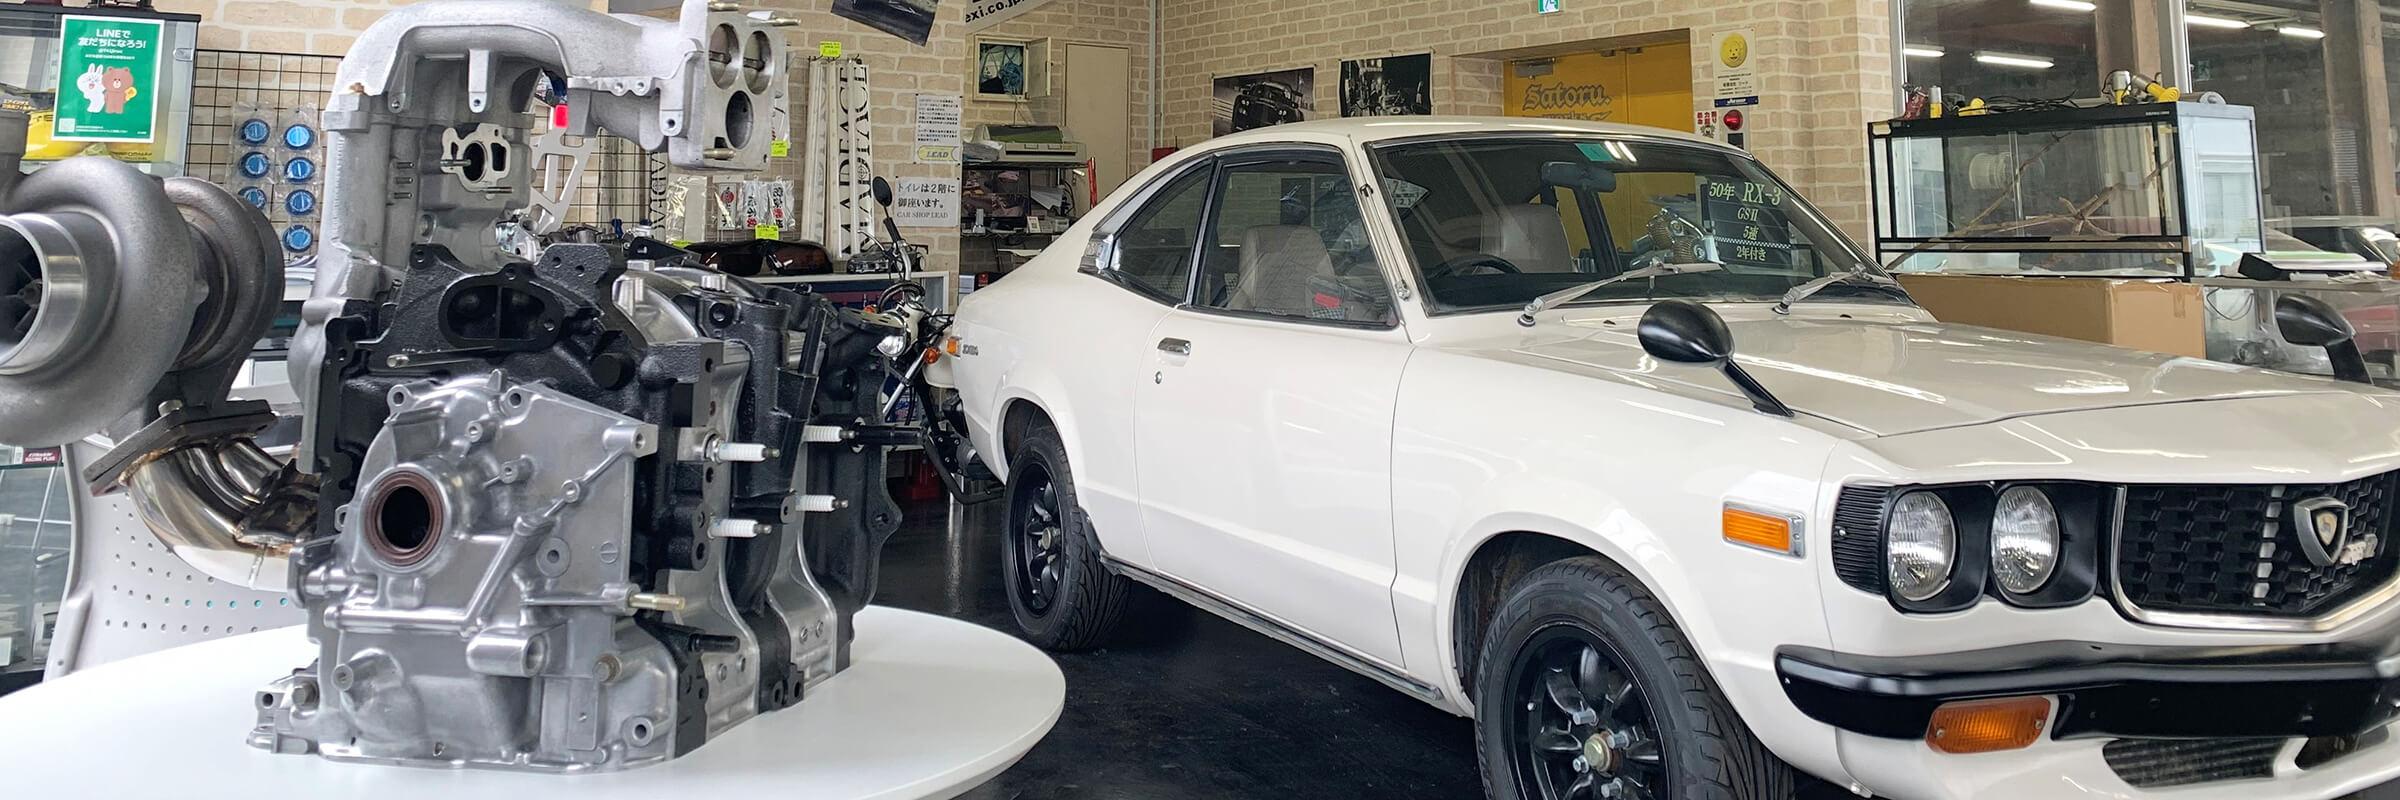 RX-7、RX-8、ロードスターなどのロータリーエンジン中古車専門店 オーバーホールなど LEAD リード本店